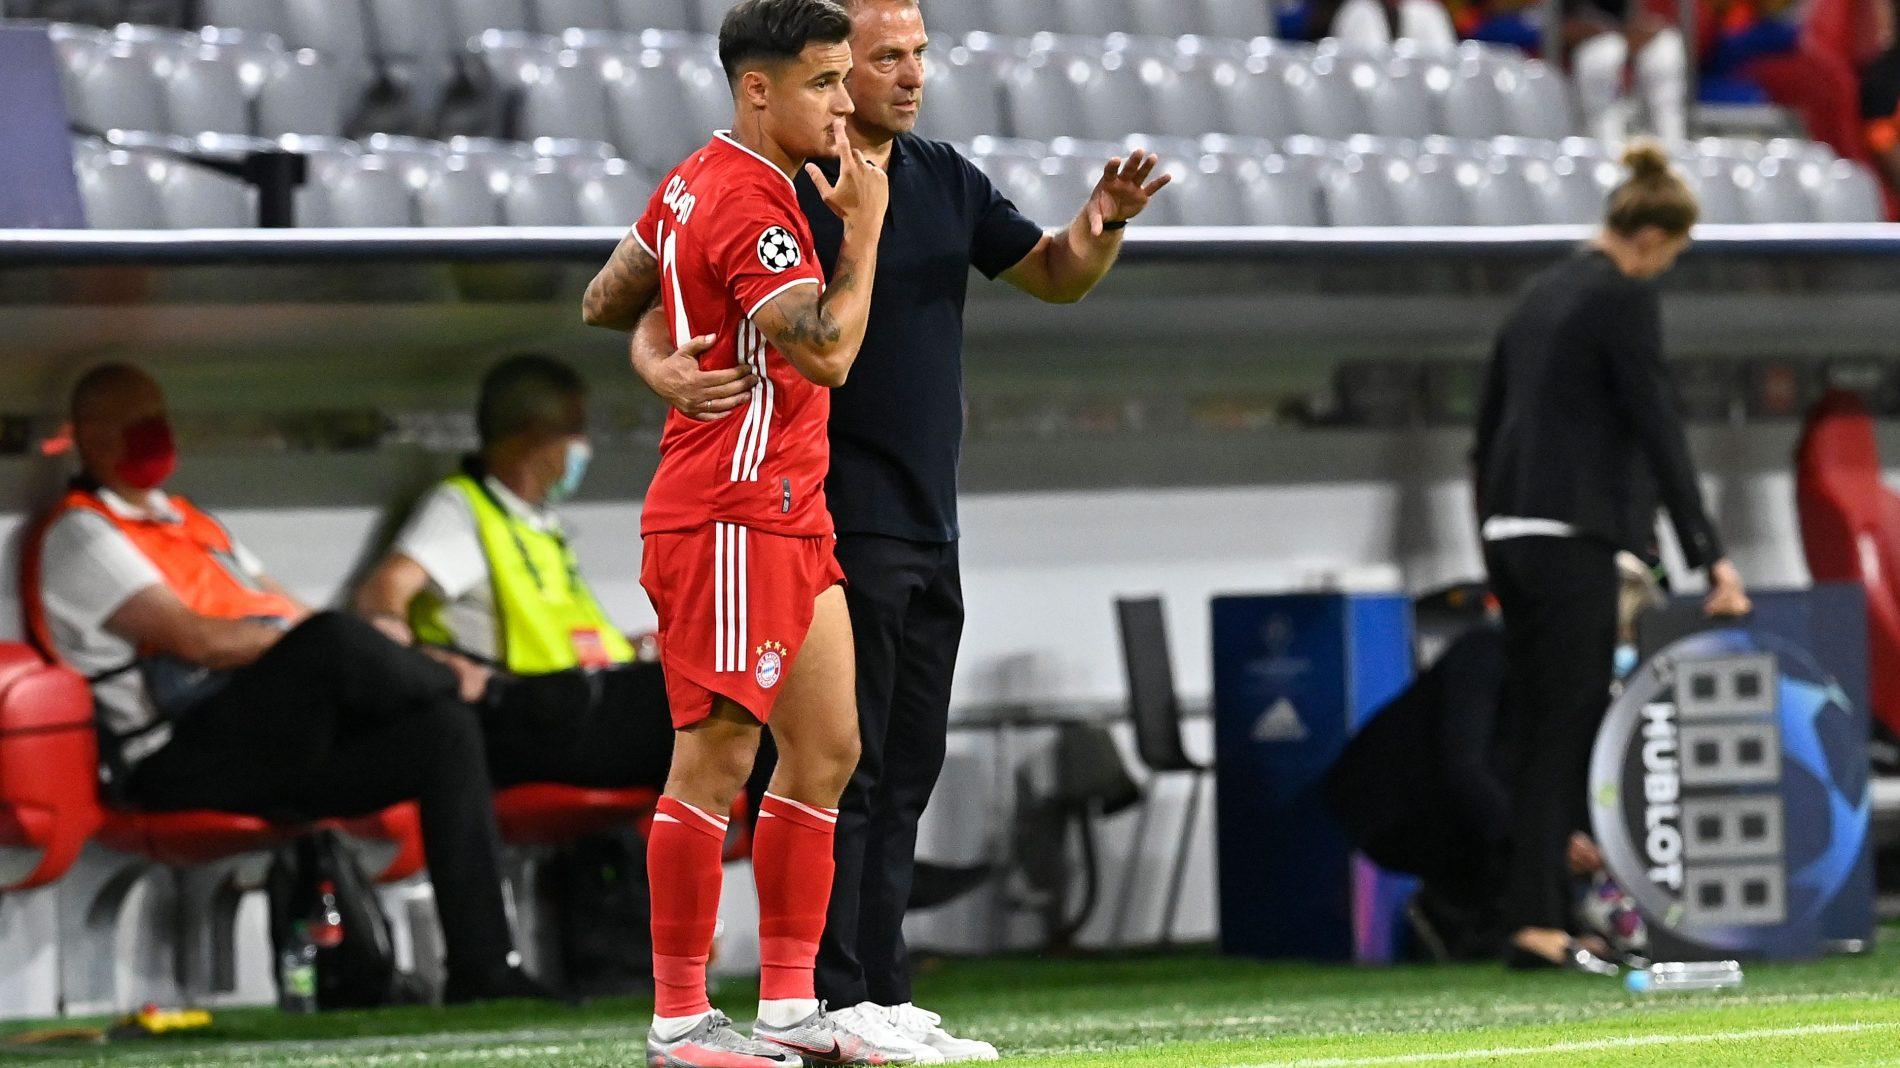 哈曼:拜仁踢巴萨可试试库鸟,他的灵光一现可改变比赛